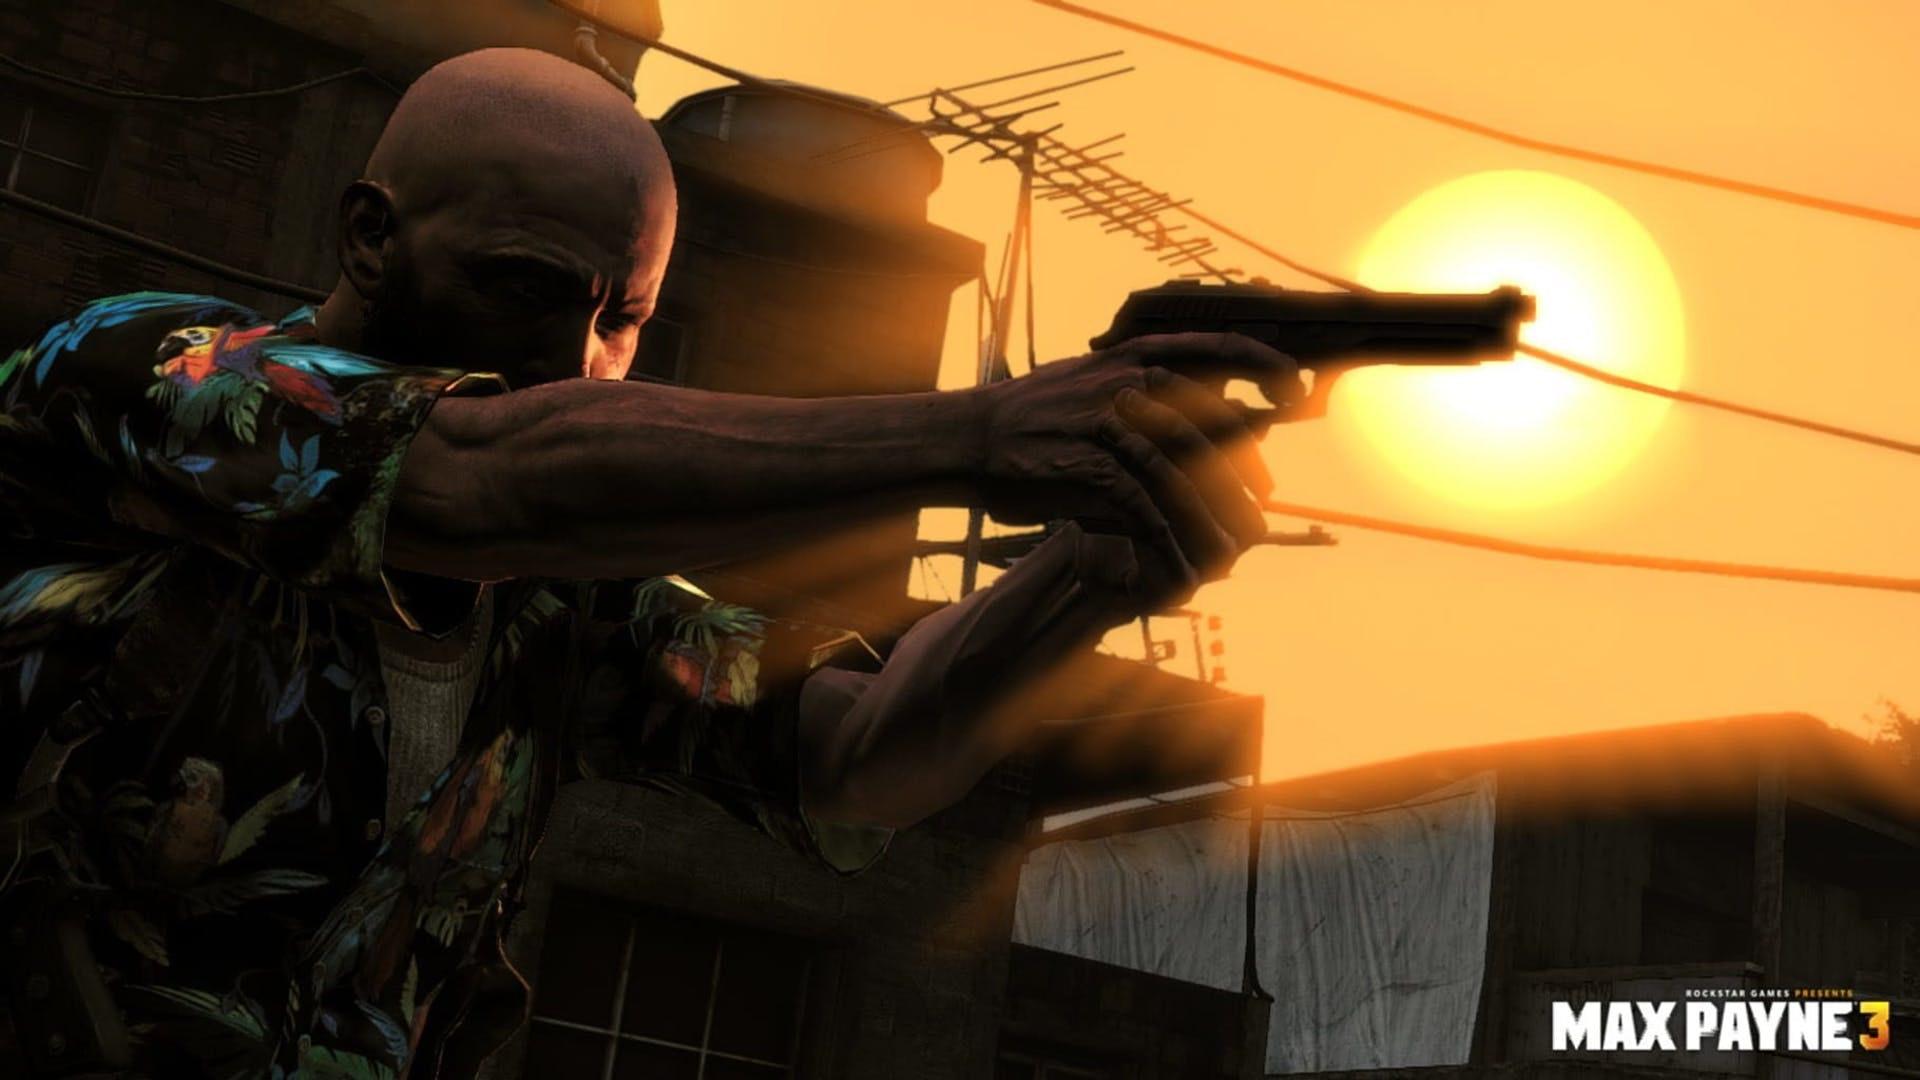 Max Payne 3 Soundtrack